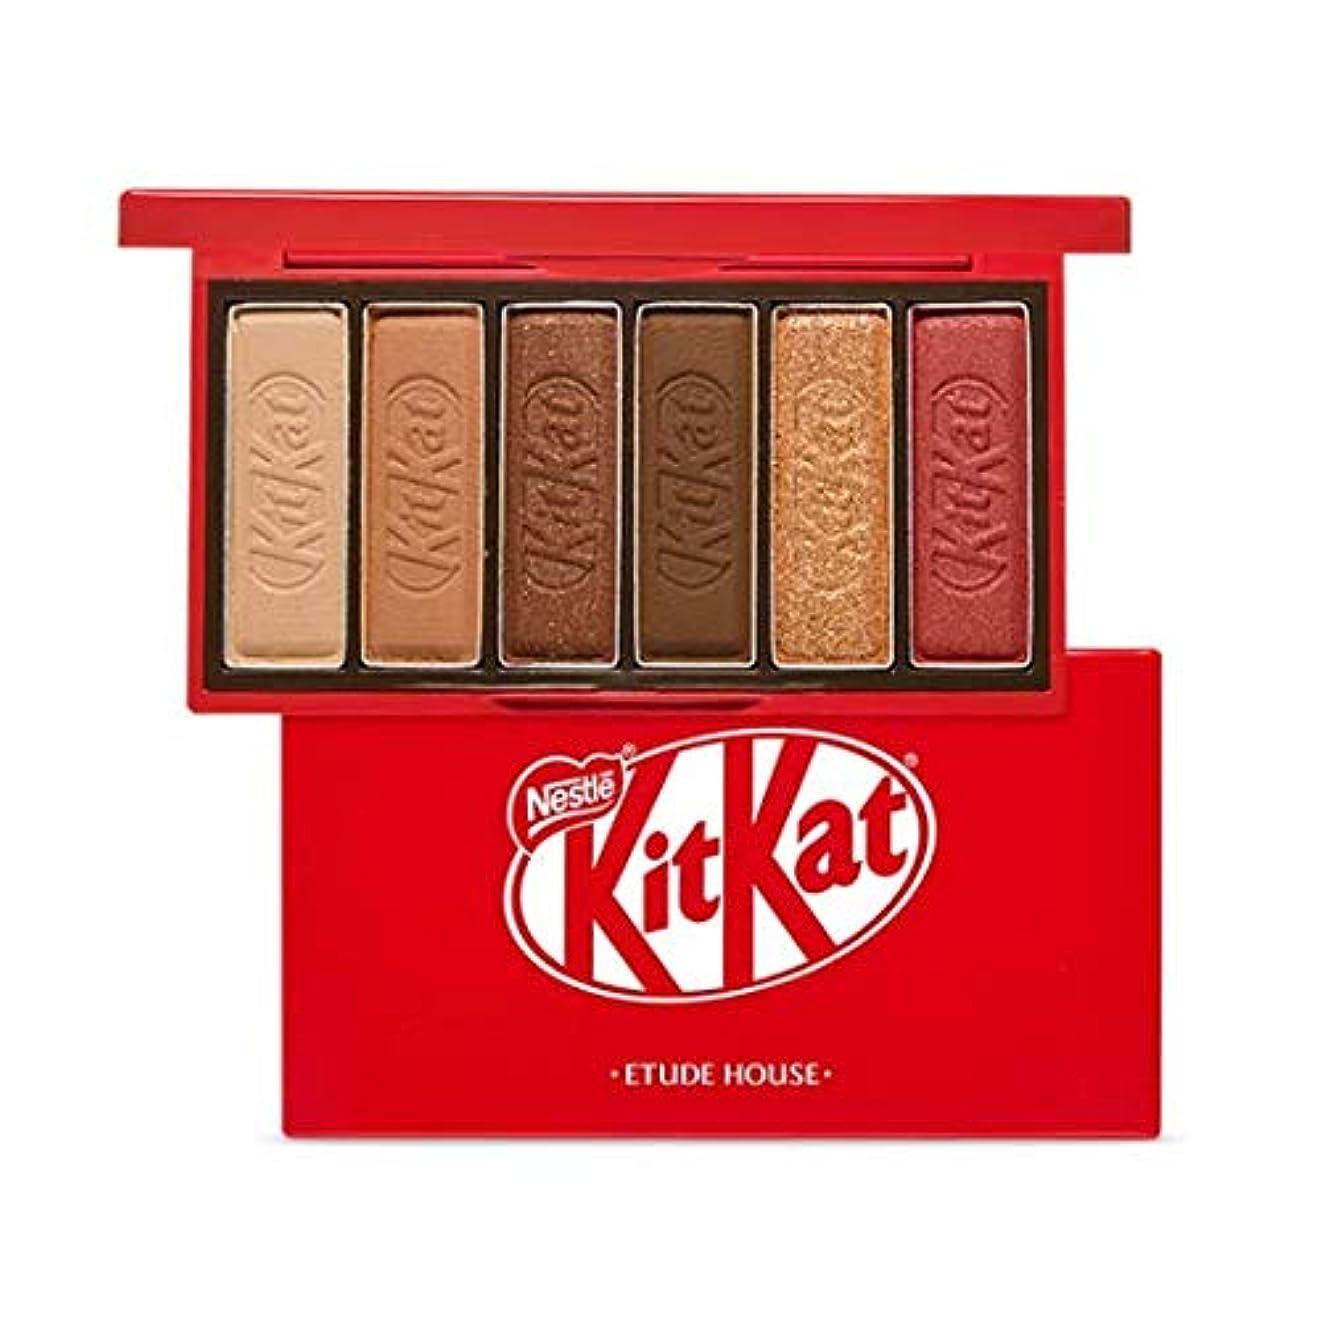 触覚ママ期間エチュードハウス キットカット プレイカラー アイズ ミニ 1*6g / ETUDE HOUSE KitKat Play Color Eyes Mini #1 KitKat Original [並行輸入品]